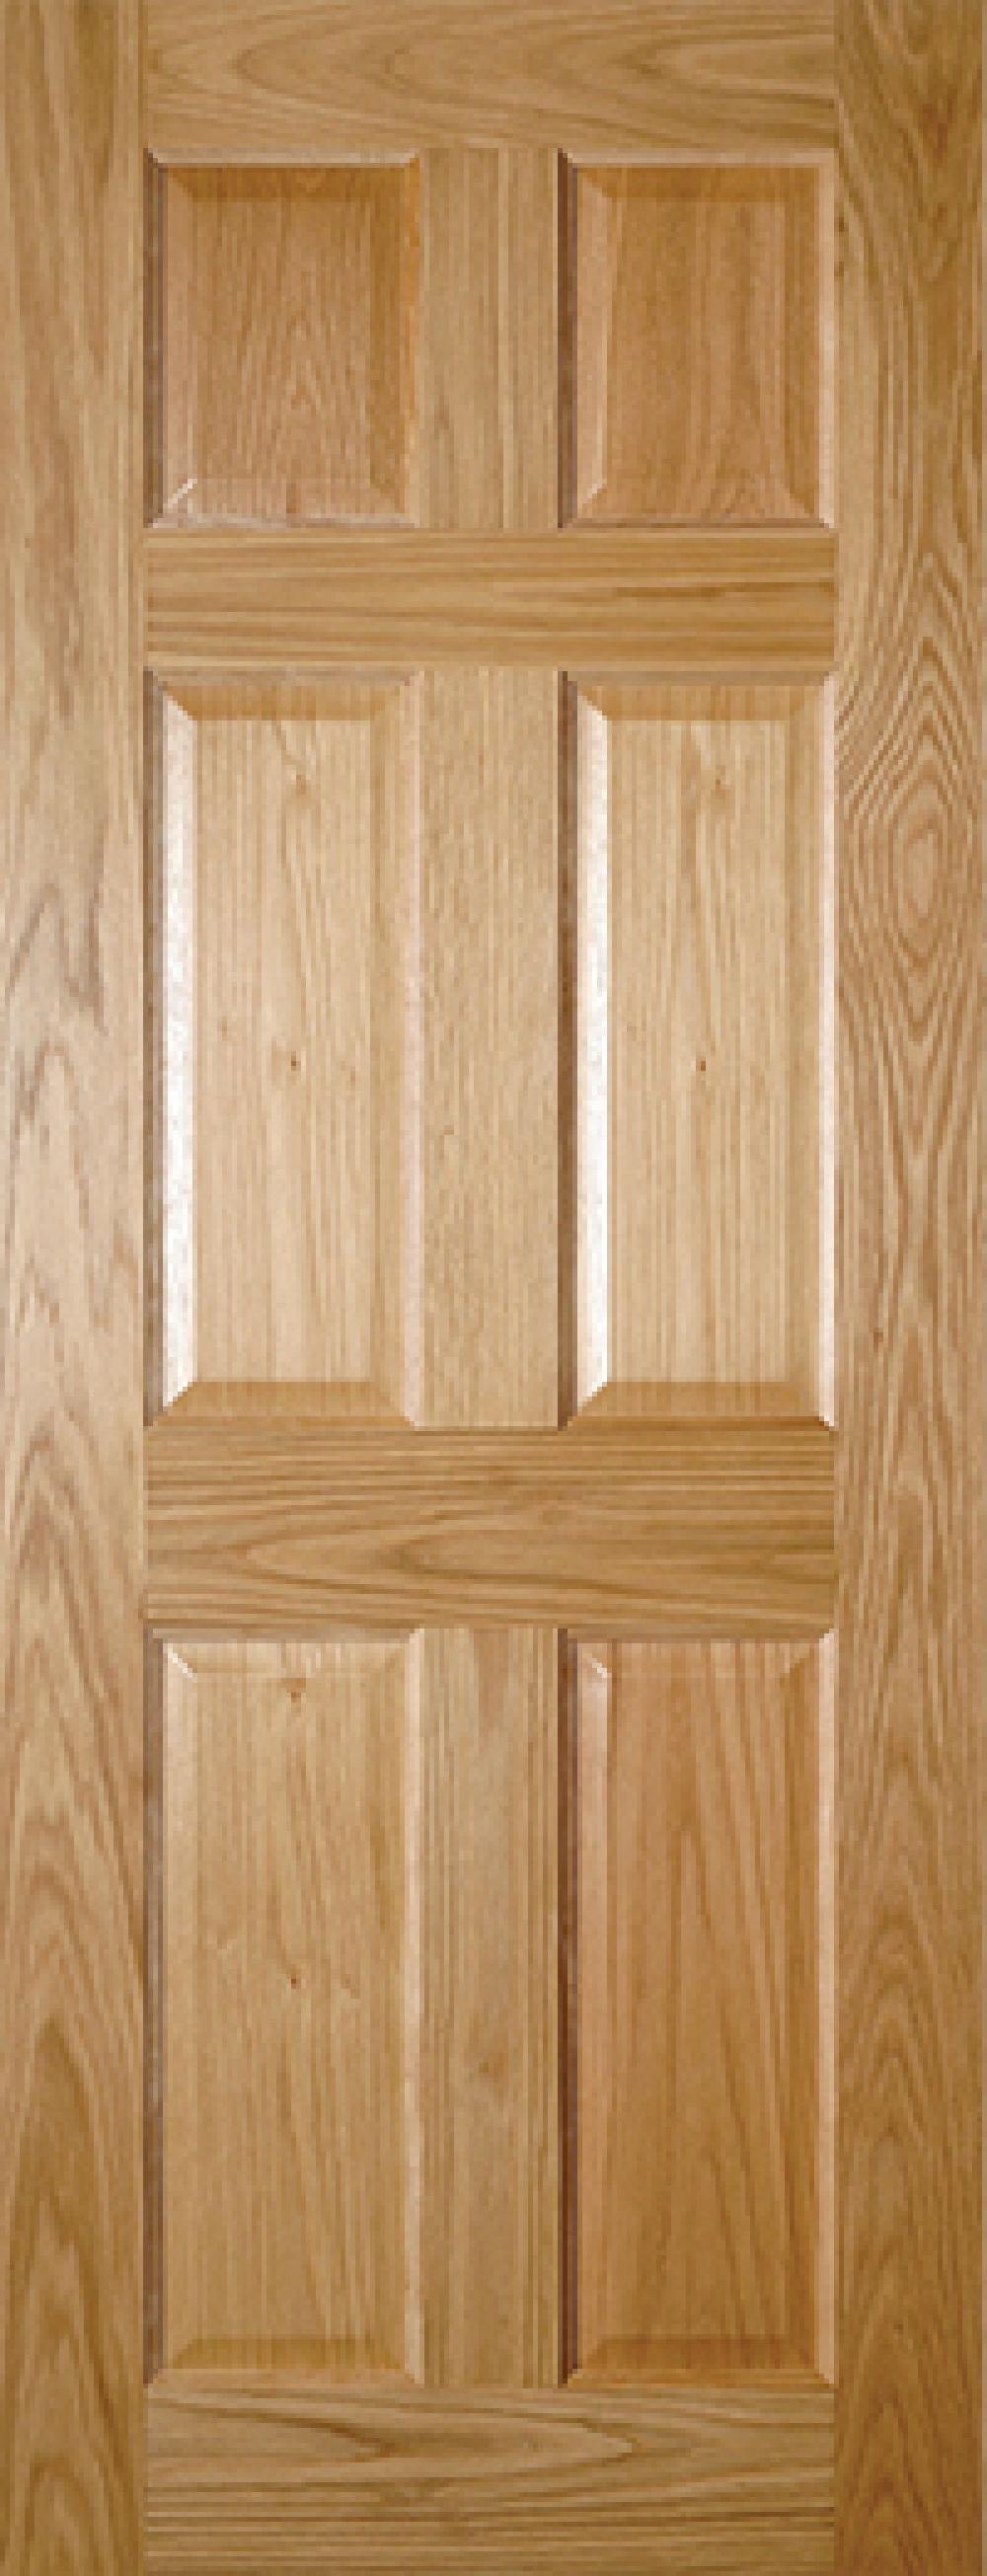 Oak Panel Doors : Oxford panel oak door prefinished doors vibrant